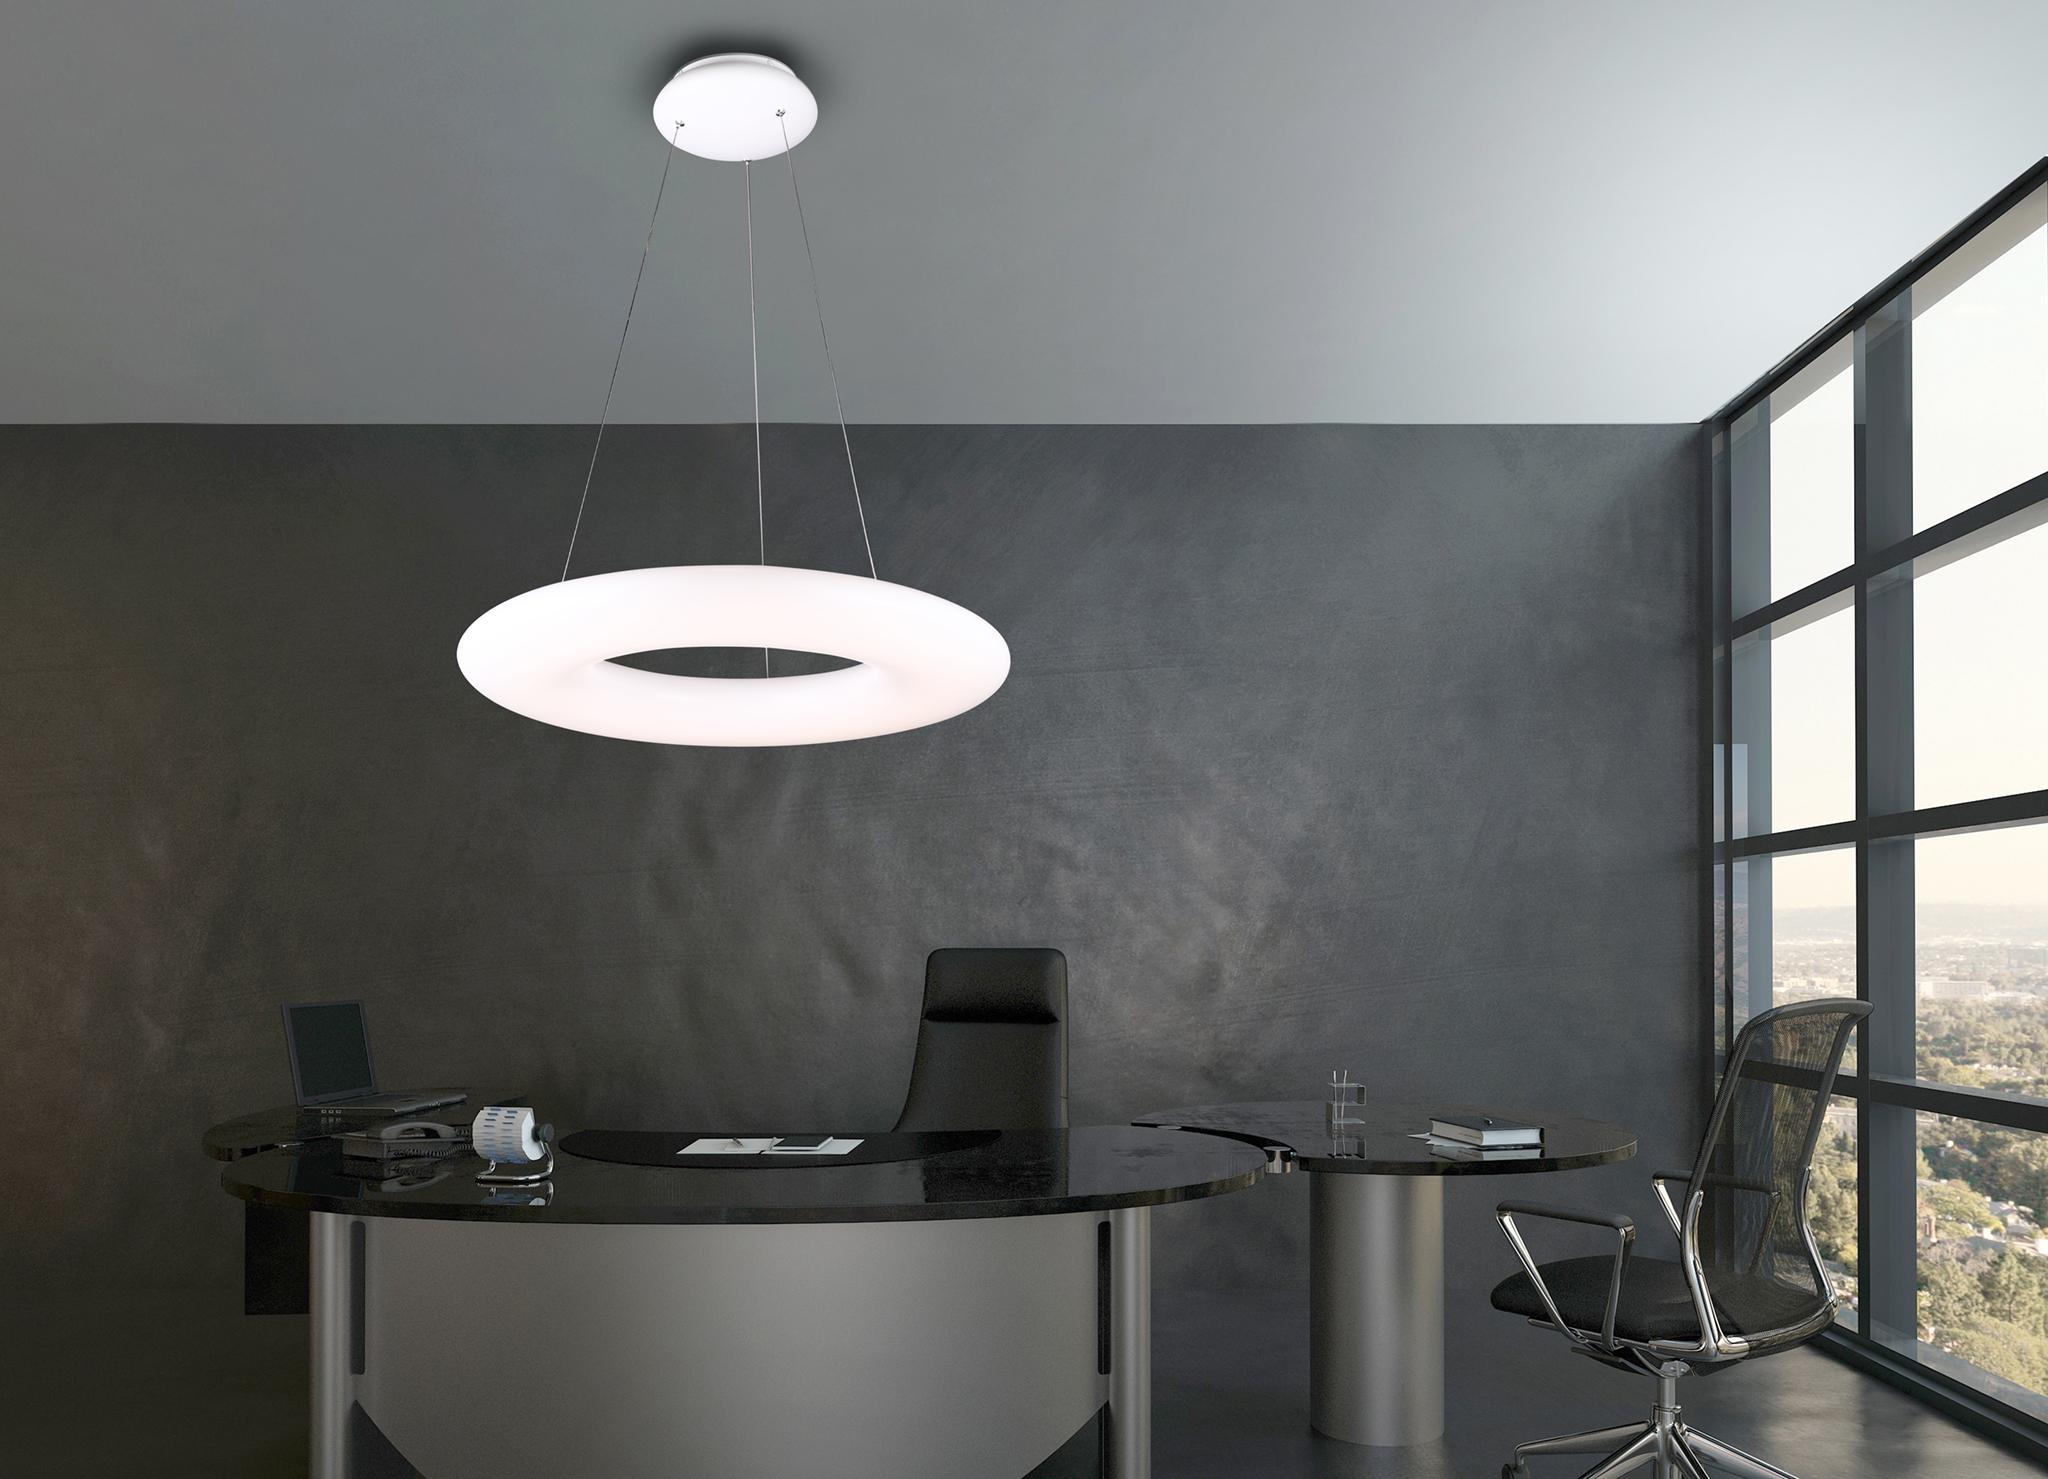 Závěsné svítidlo Maxlight Centro malé, P0215